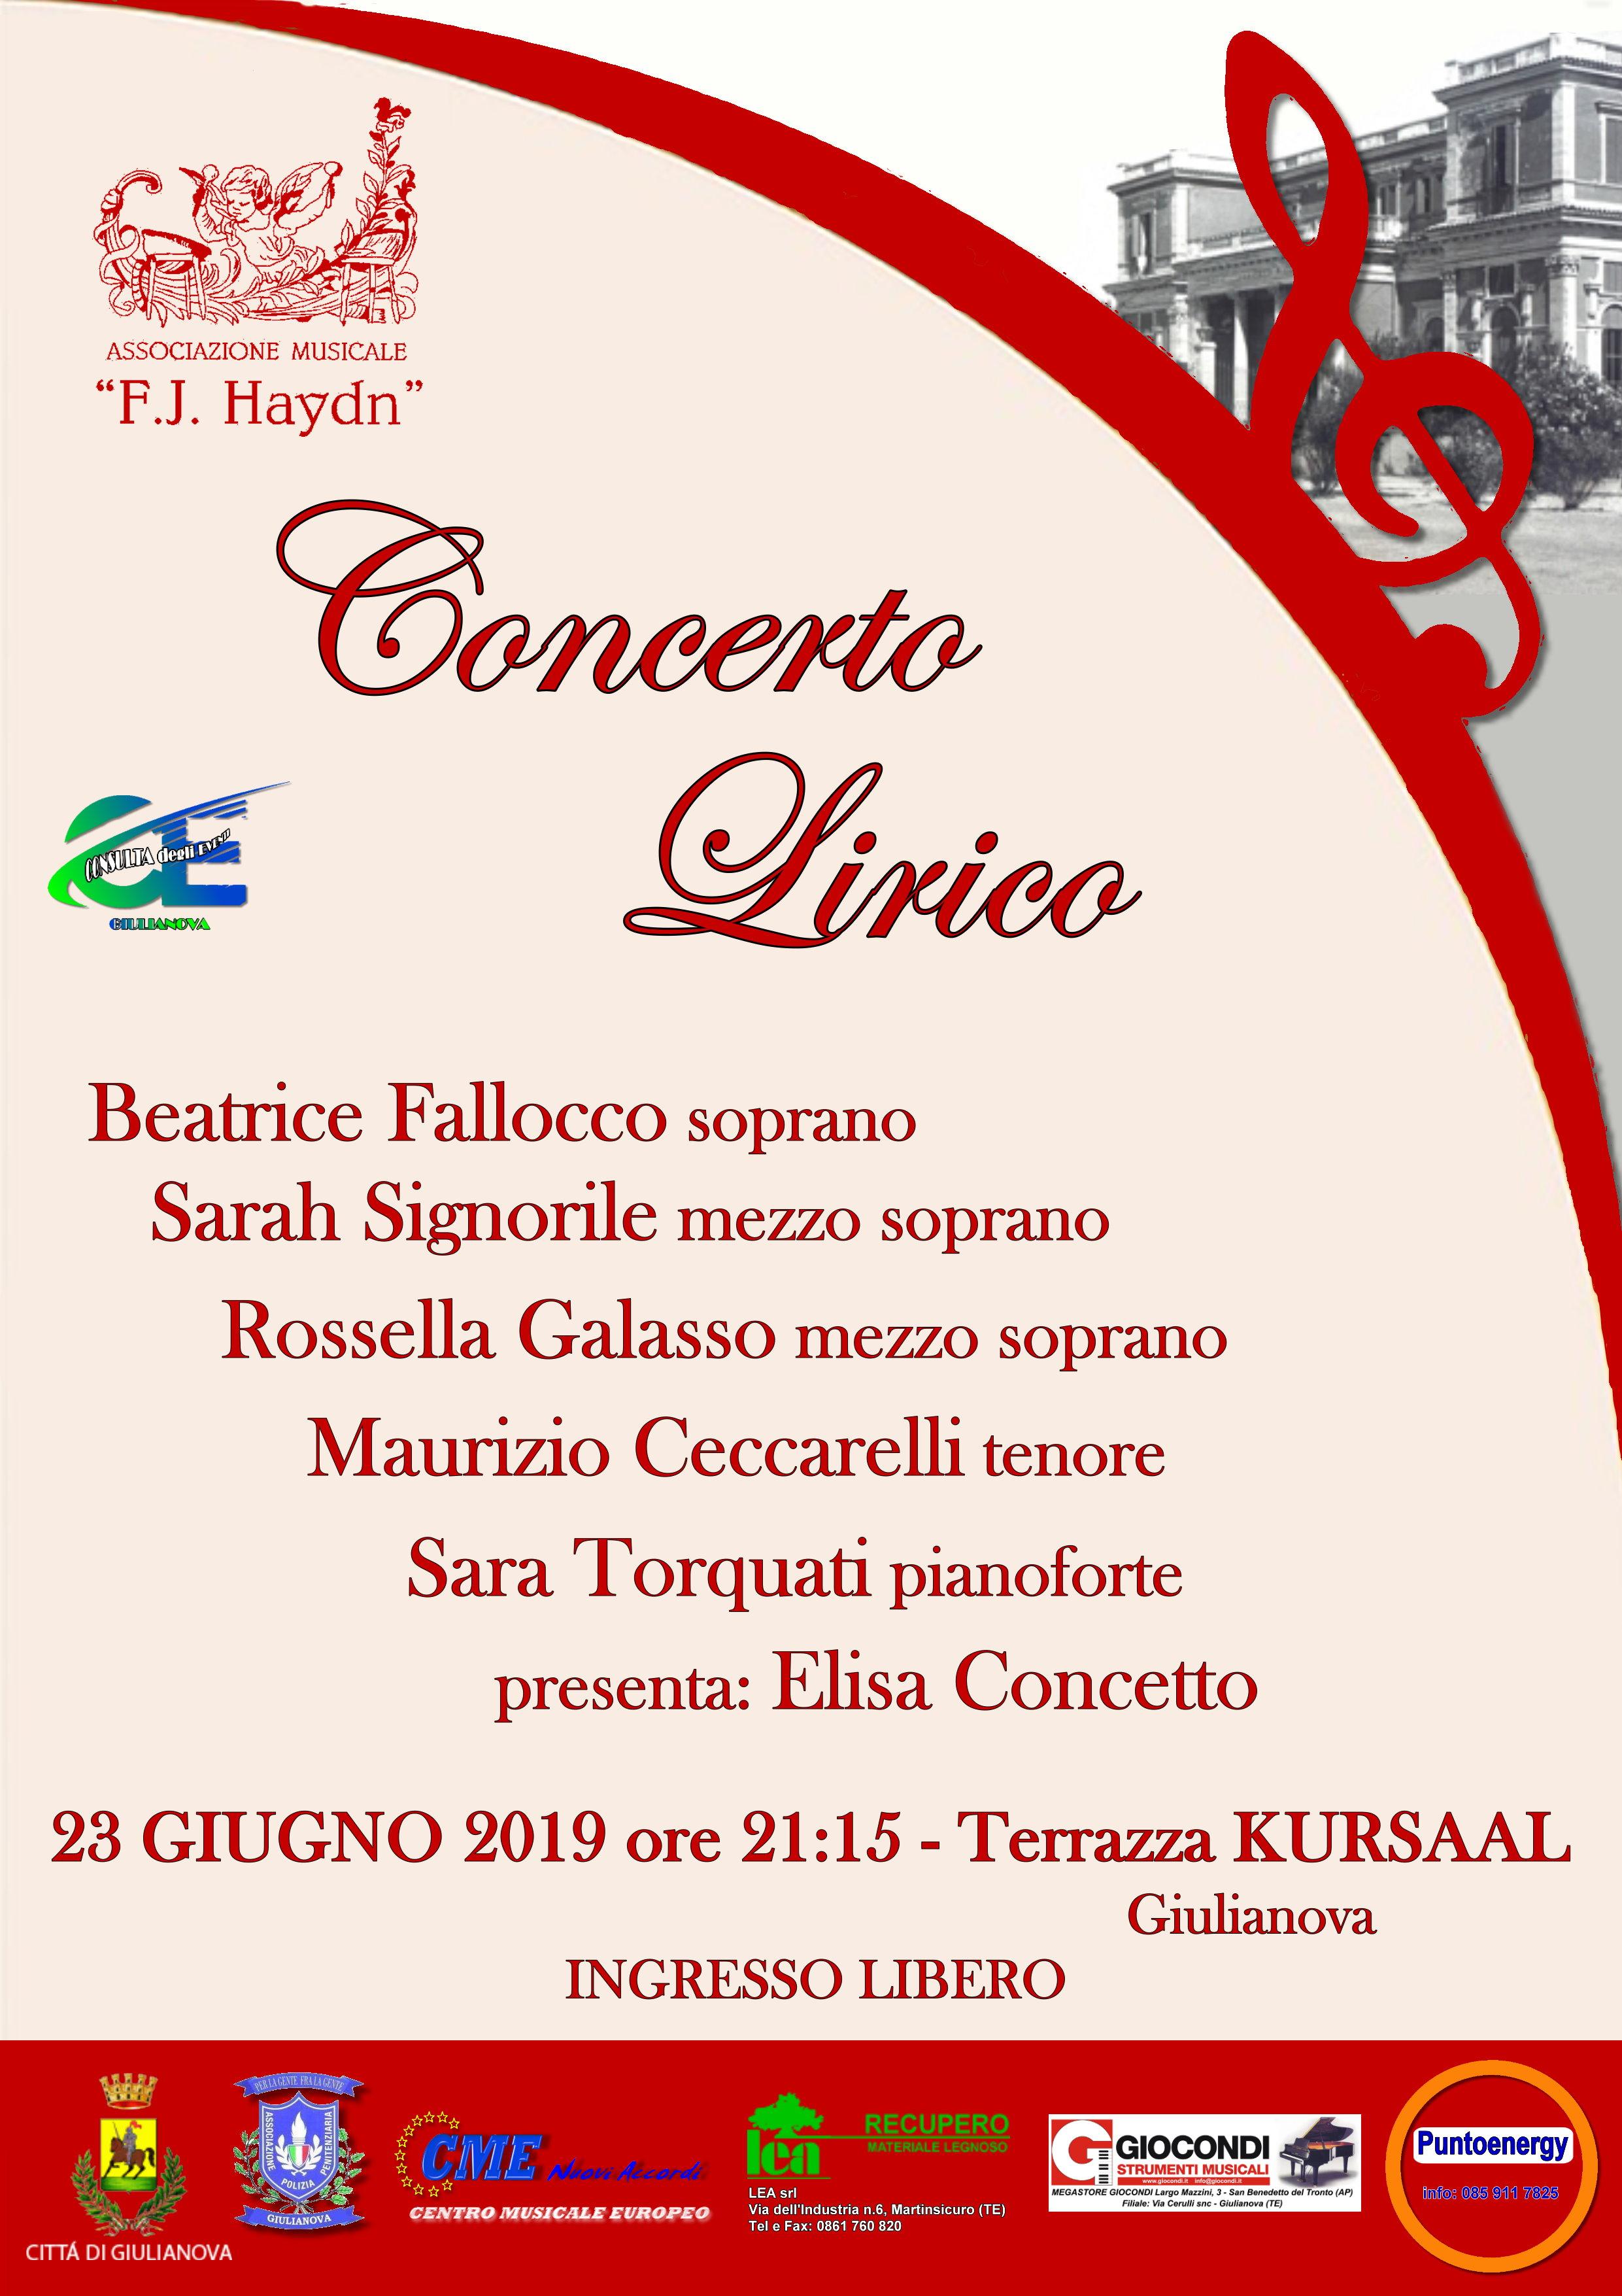 Giulianova, successo per il Concerto lirico al Kursaal